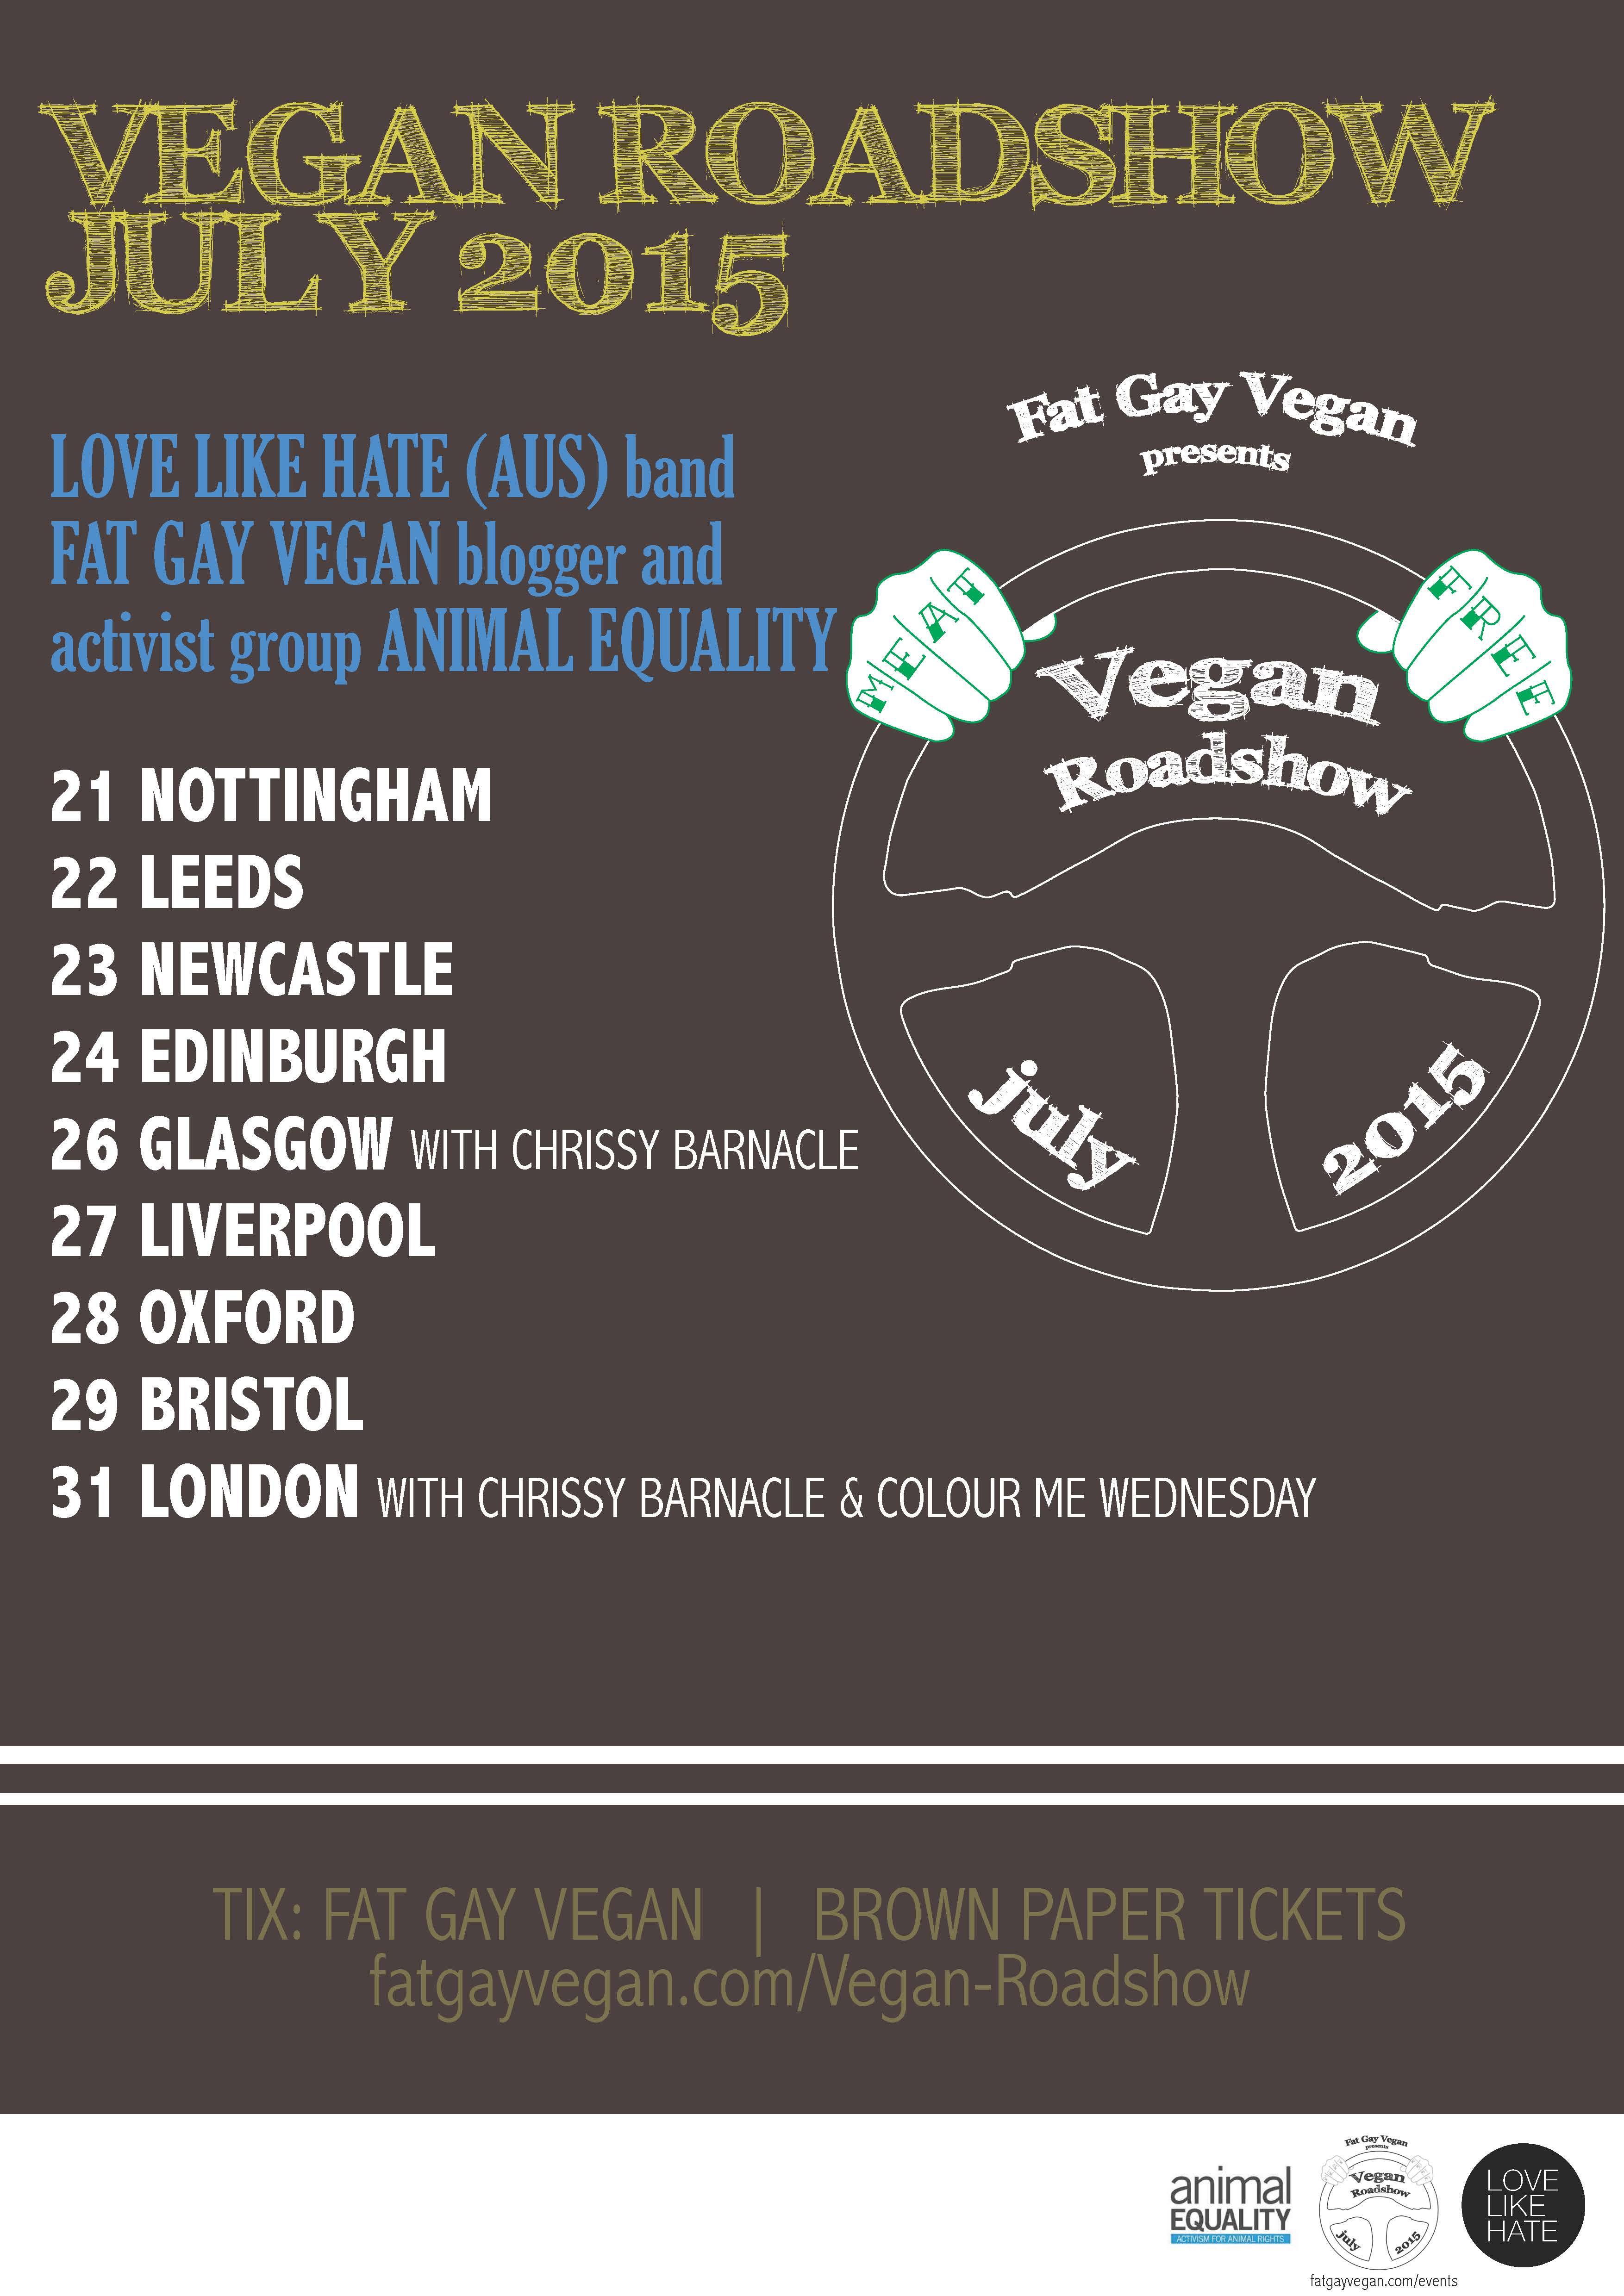 http://i1.wp.com/fatgayvegan.com/wp-content/uploads/2015/08/Fat-Gay-Vegan-Roadshow-Poster1.jpg?fit=3508%2C4961